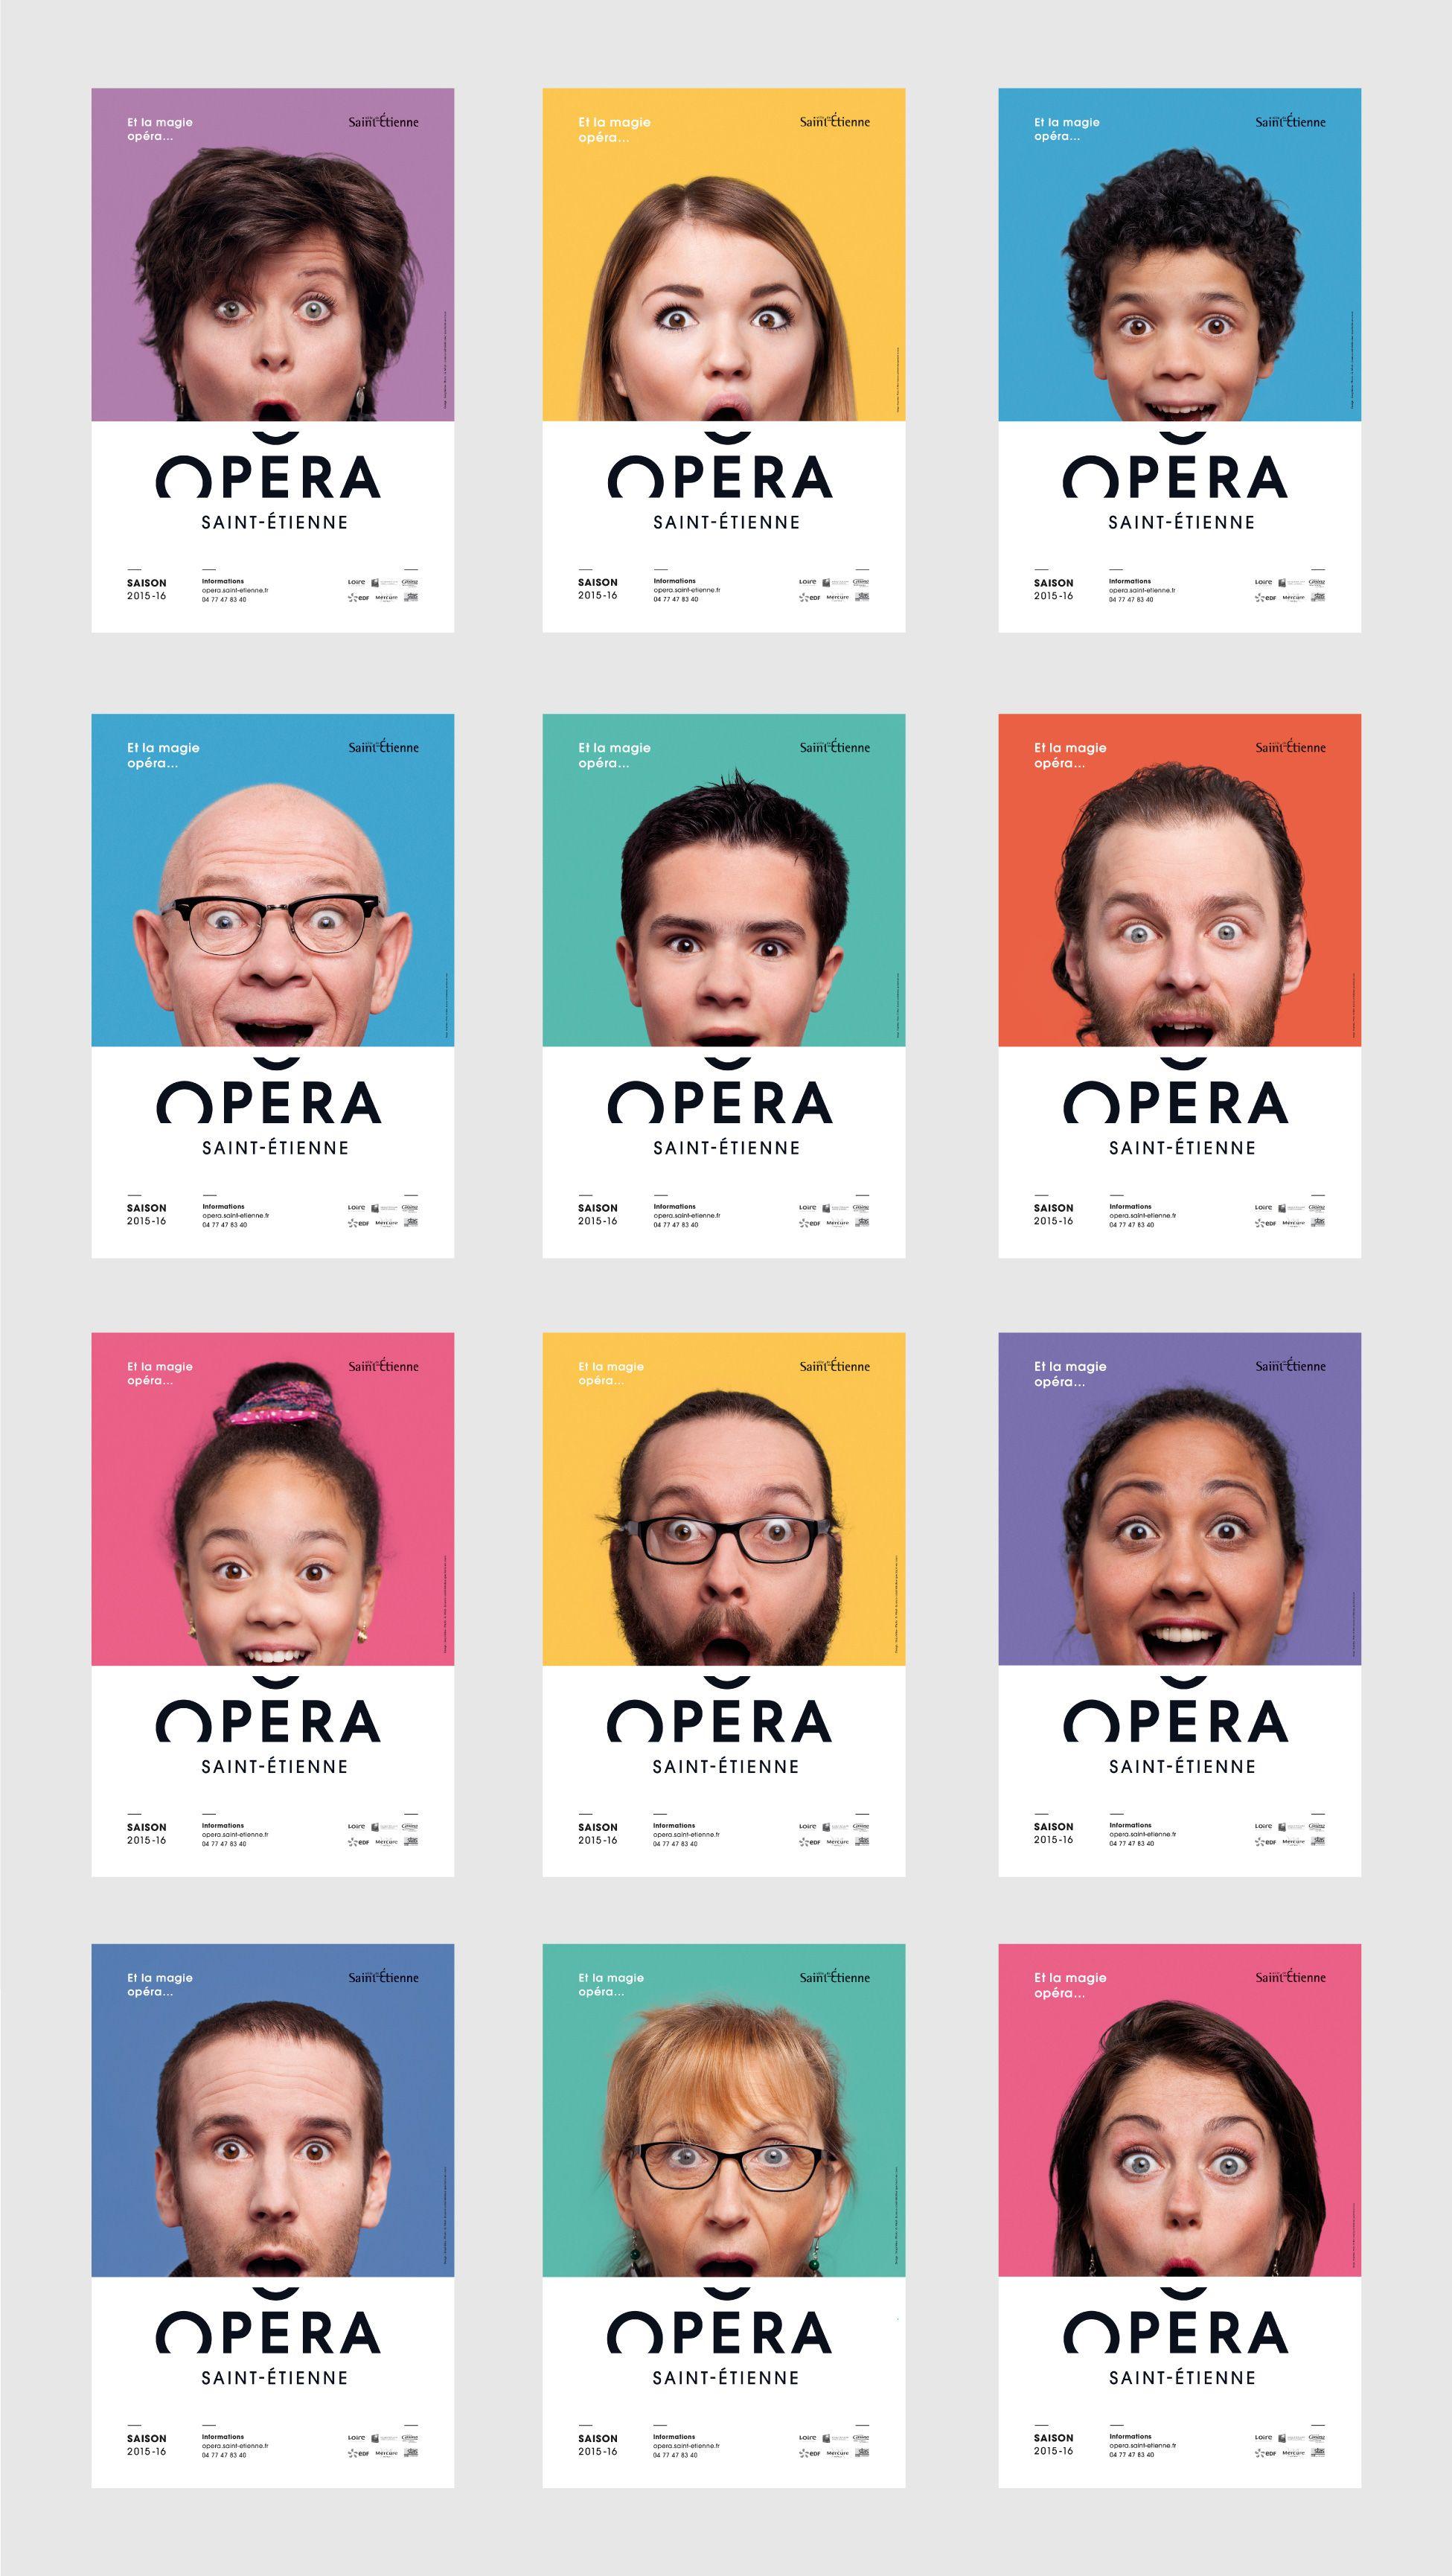 Nouvelle identité visuelle de l'Opéra de Saint-Étienne